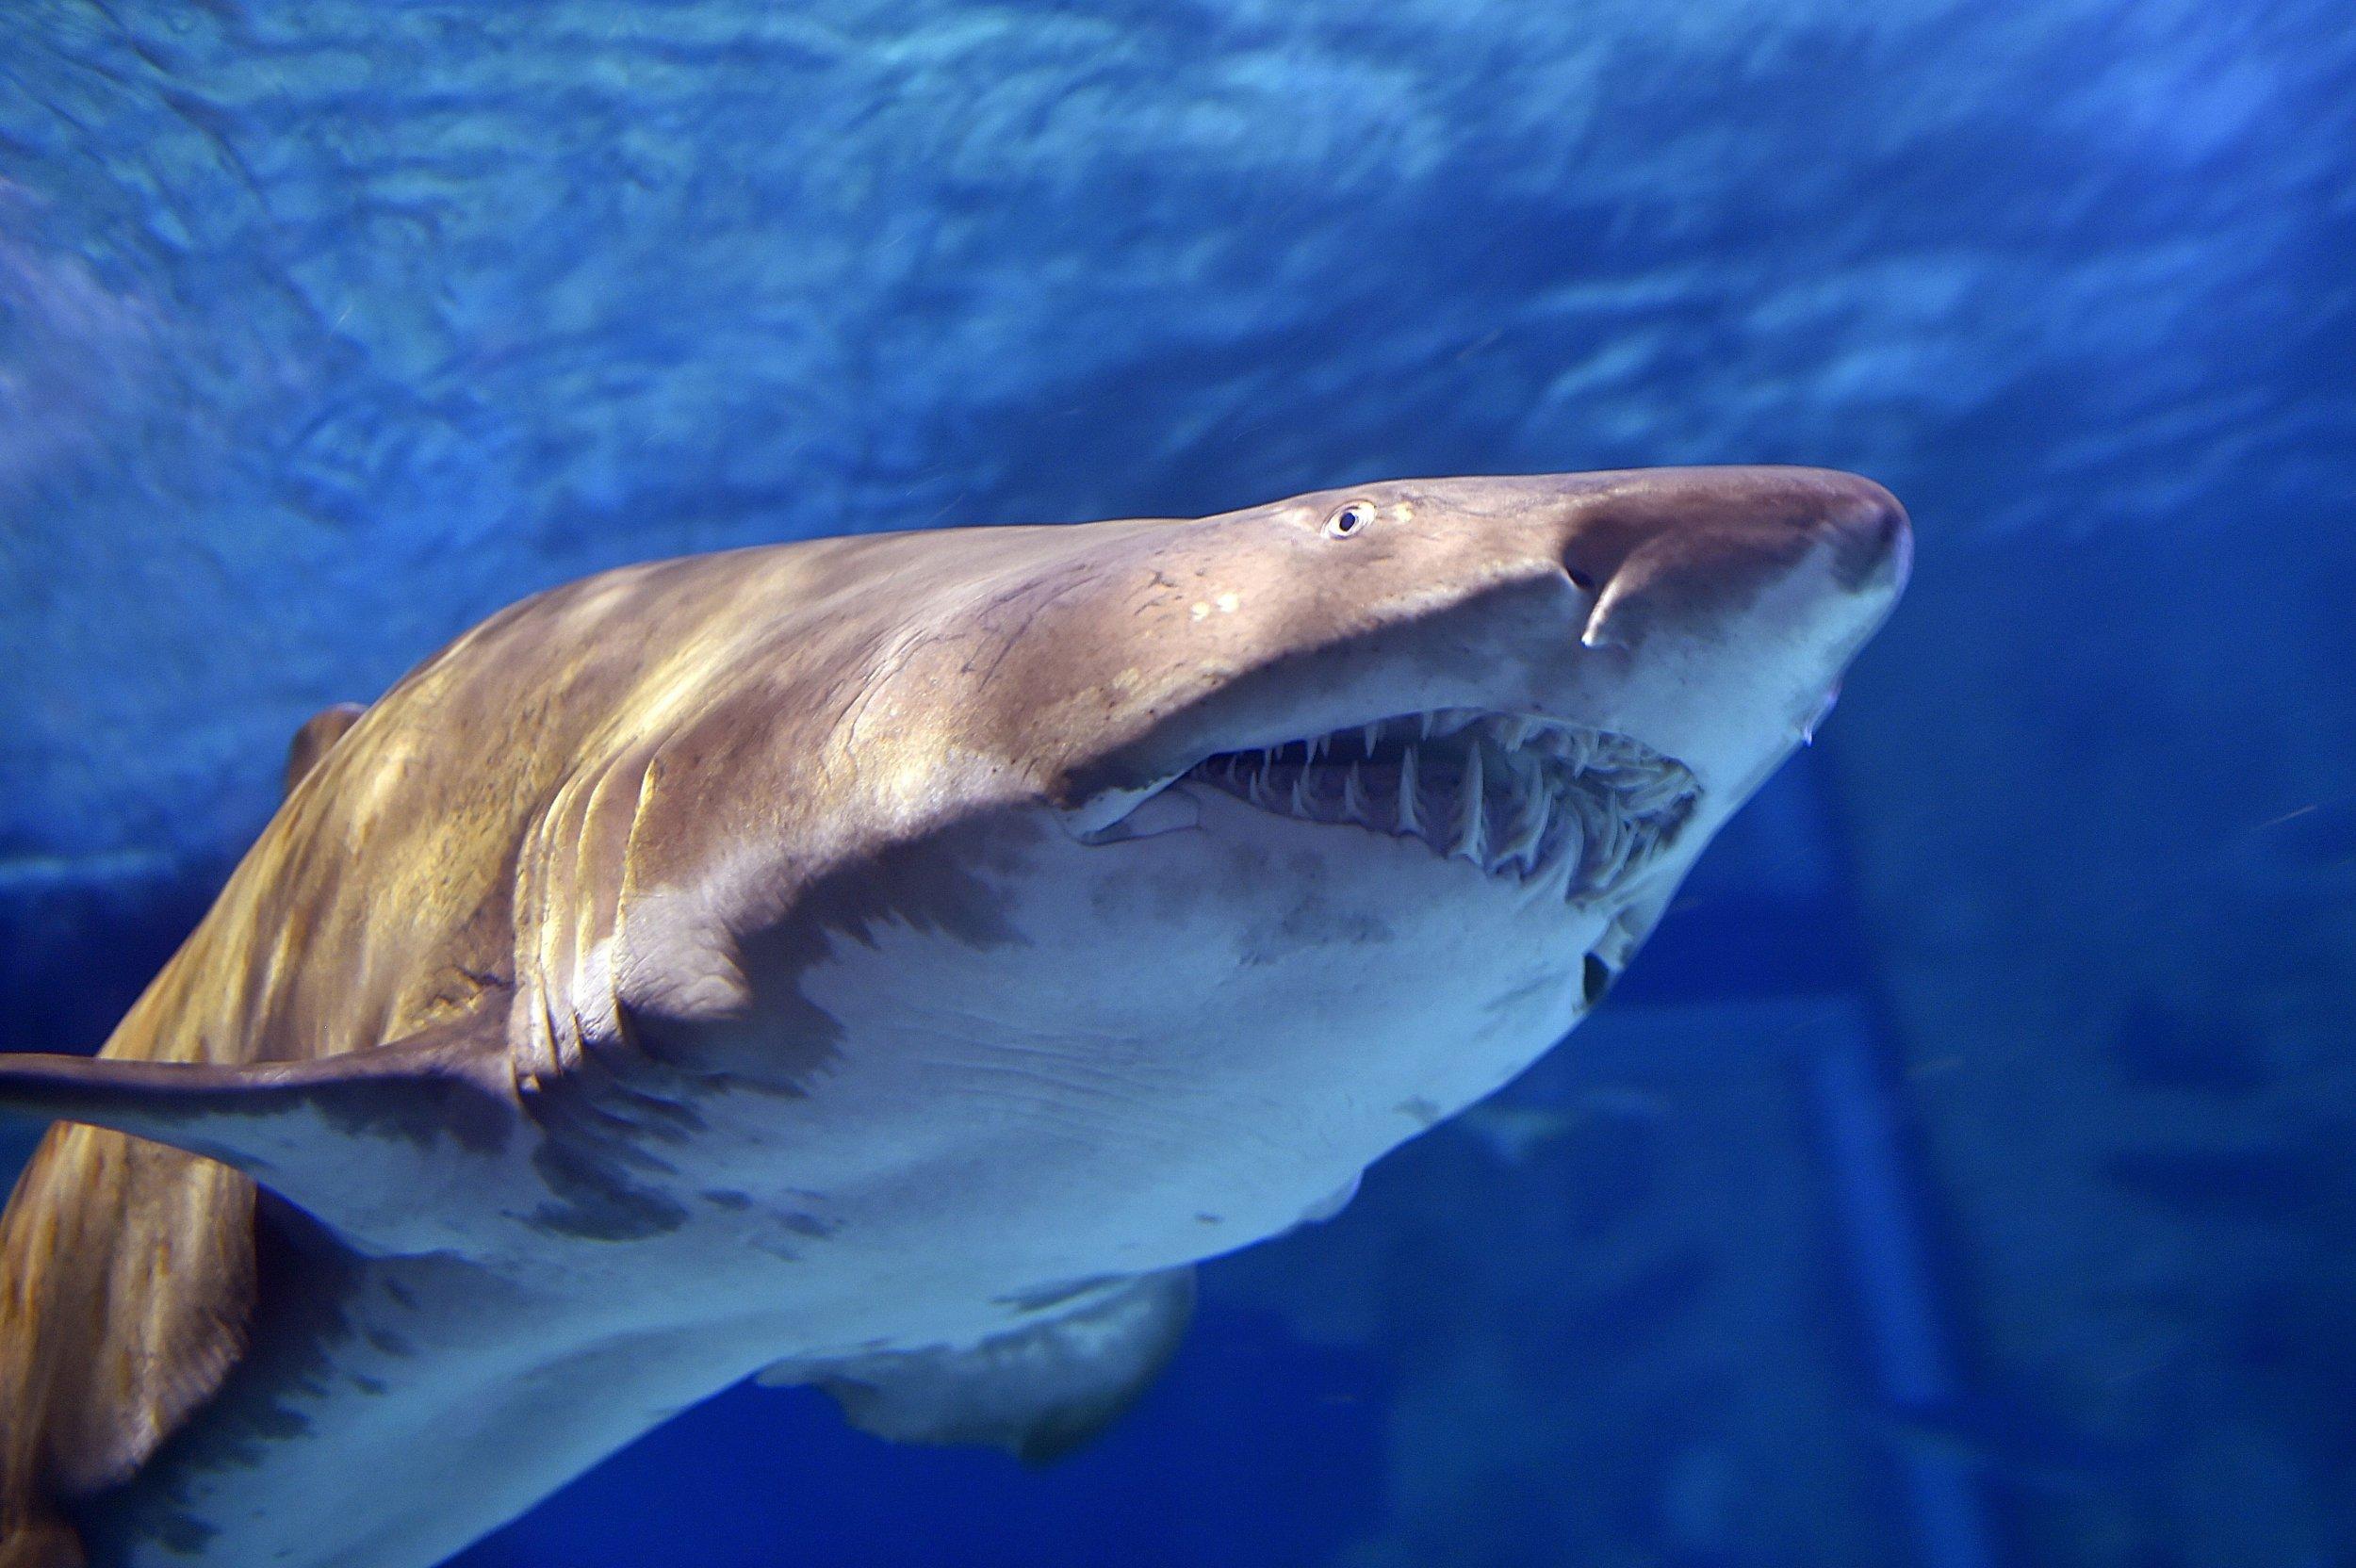 bull shark attacks galveston man